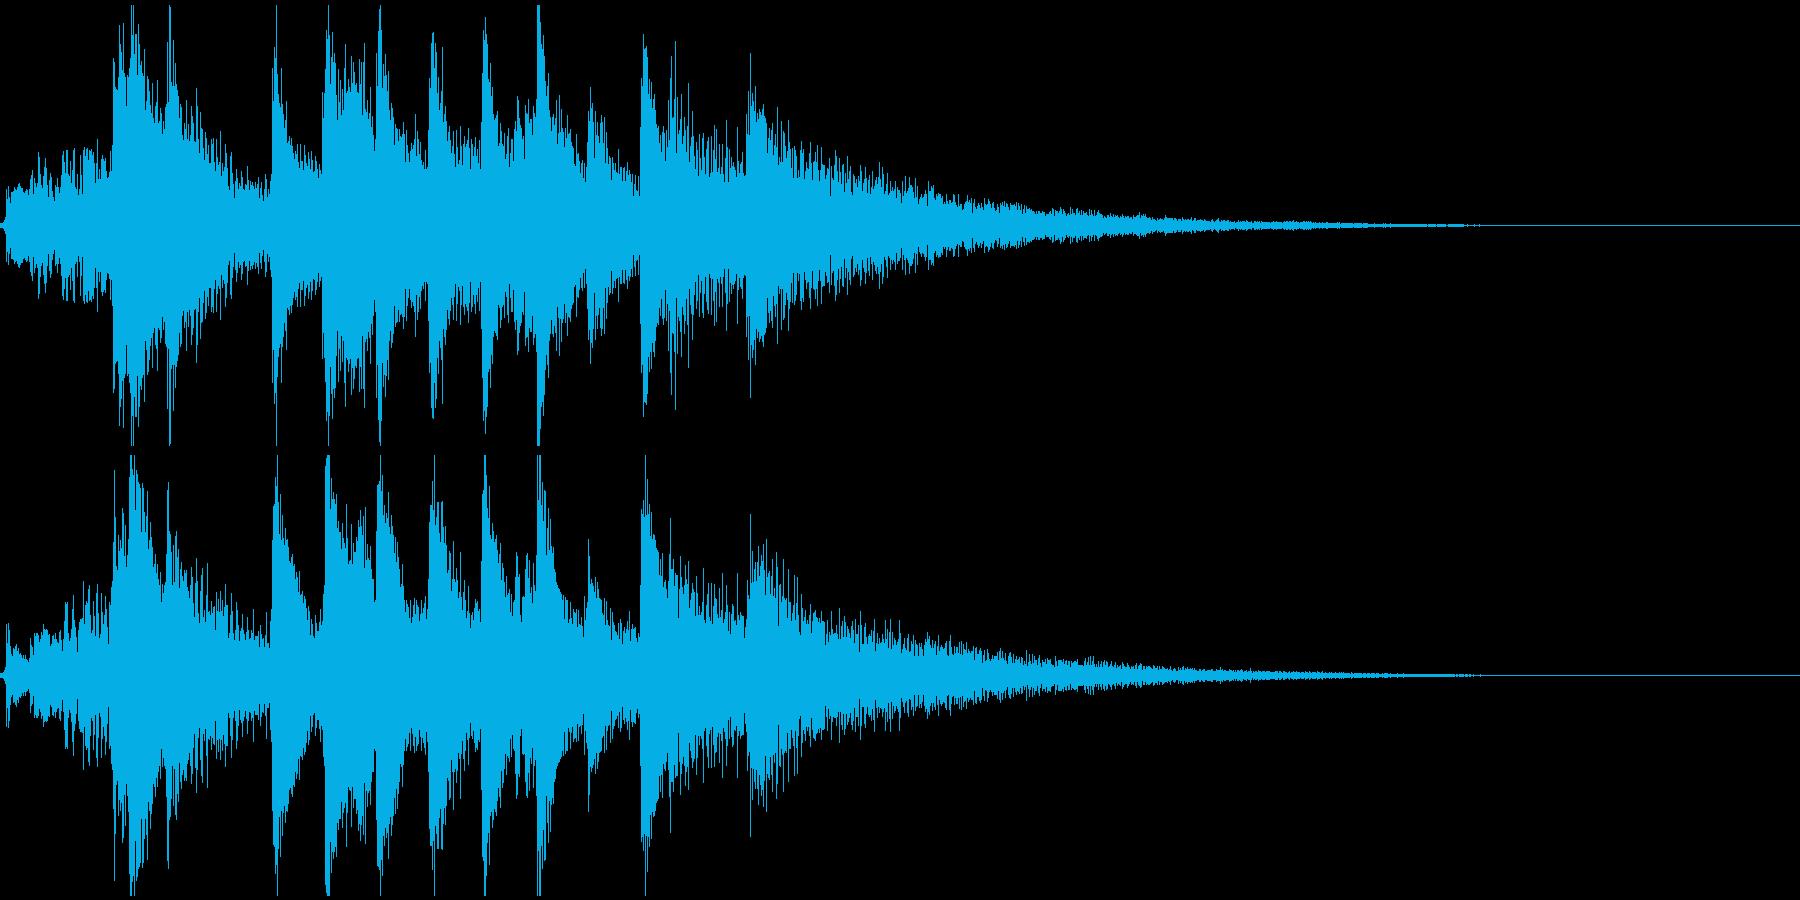 琴の和風ジングル2の再生済みの波形